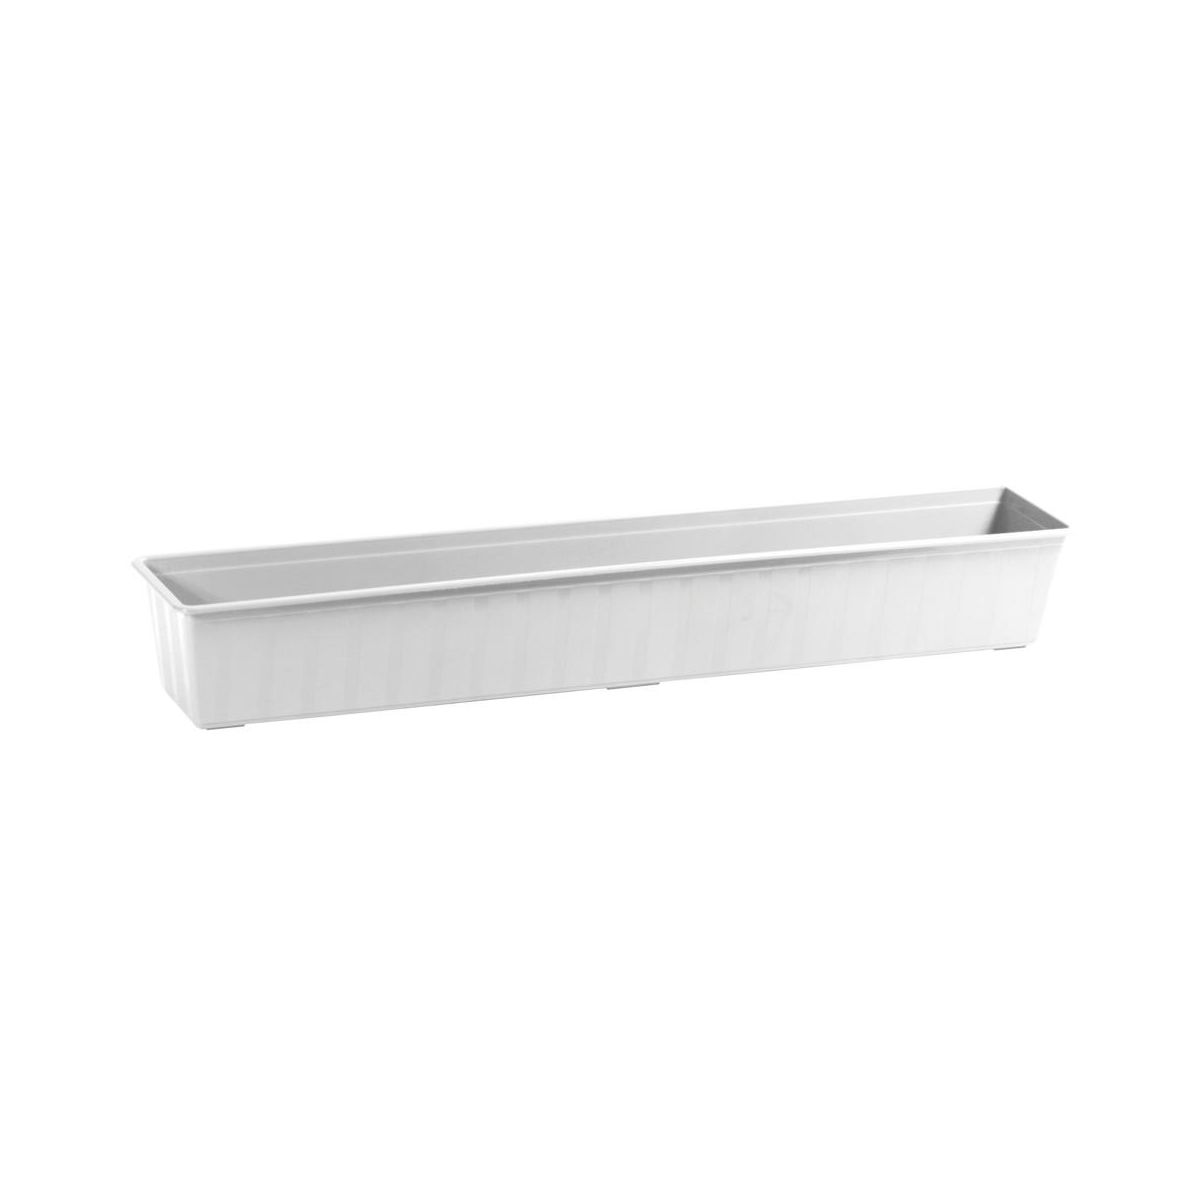 Skrzynka Balkonowa 100 X 18 Cm Plastikowa Biała Agro Is1000 S449 Prosperplast